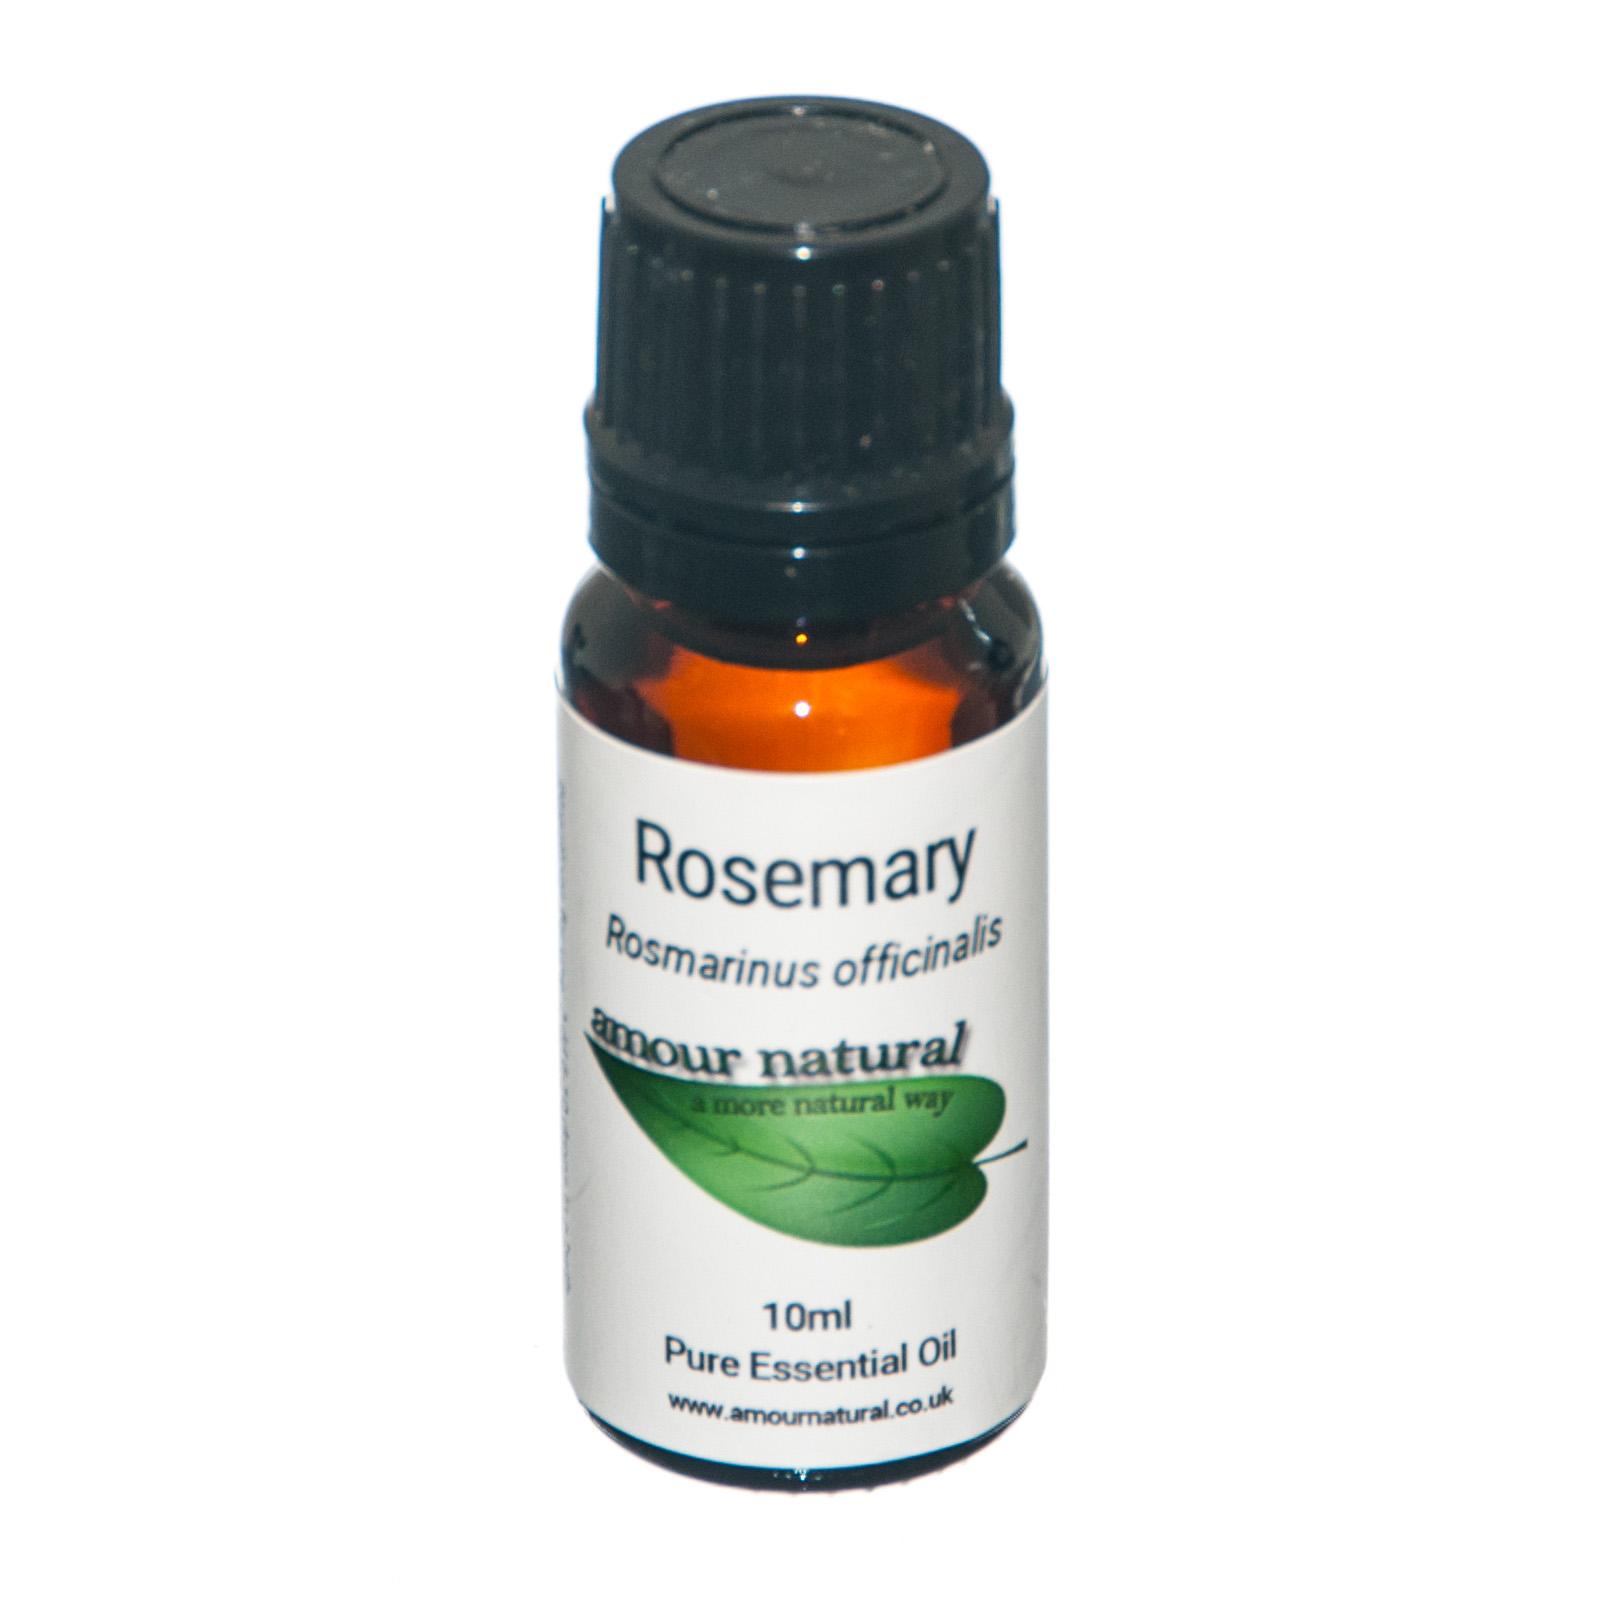 Rosemary 10ml